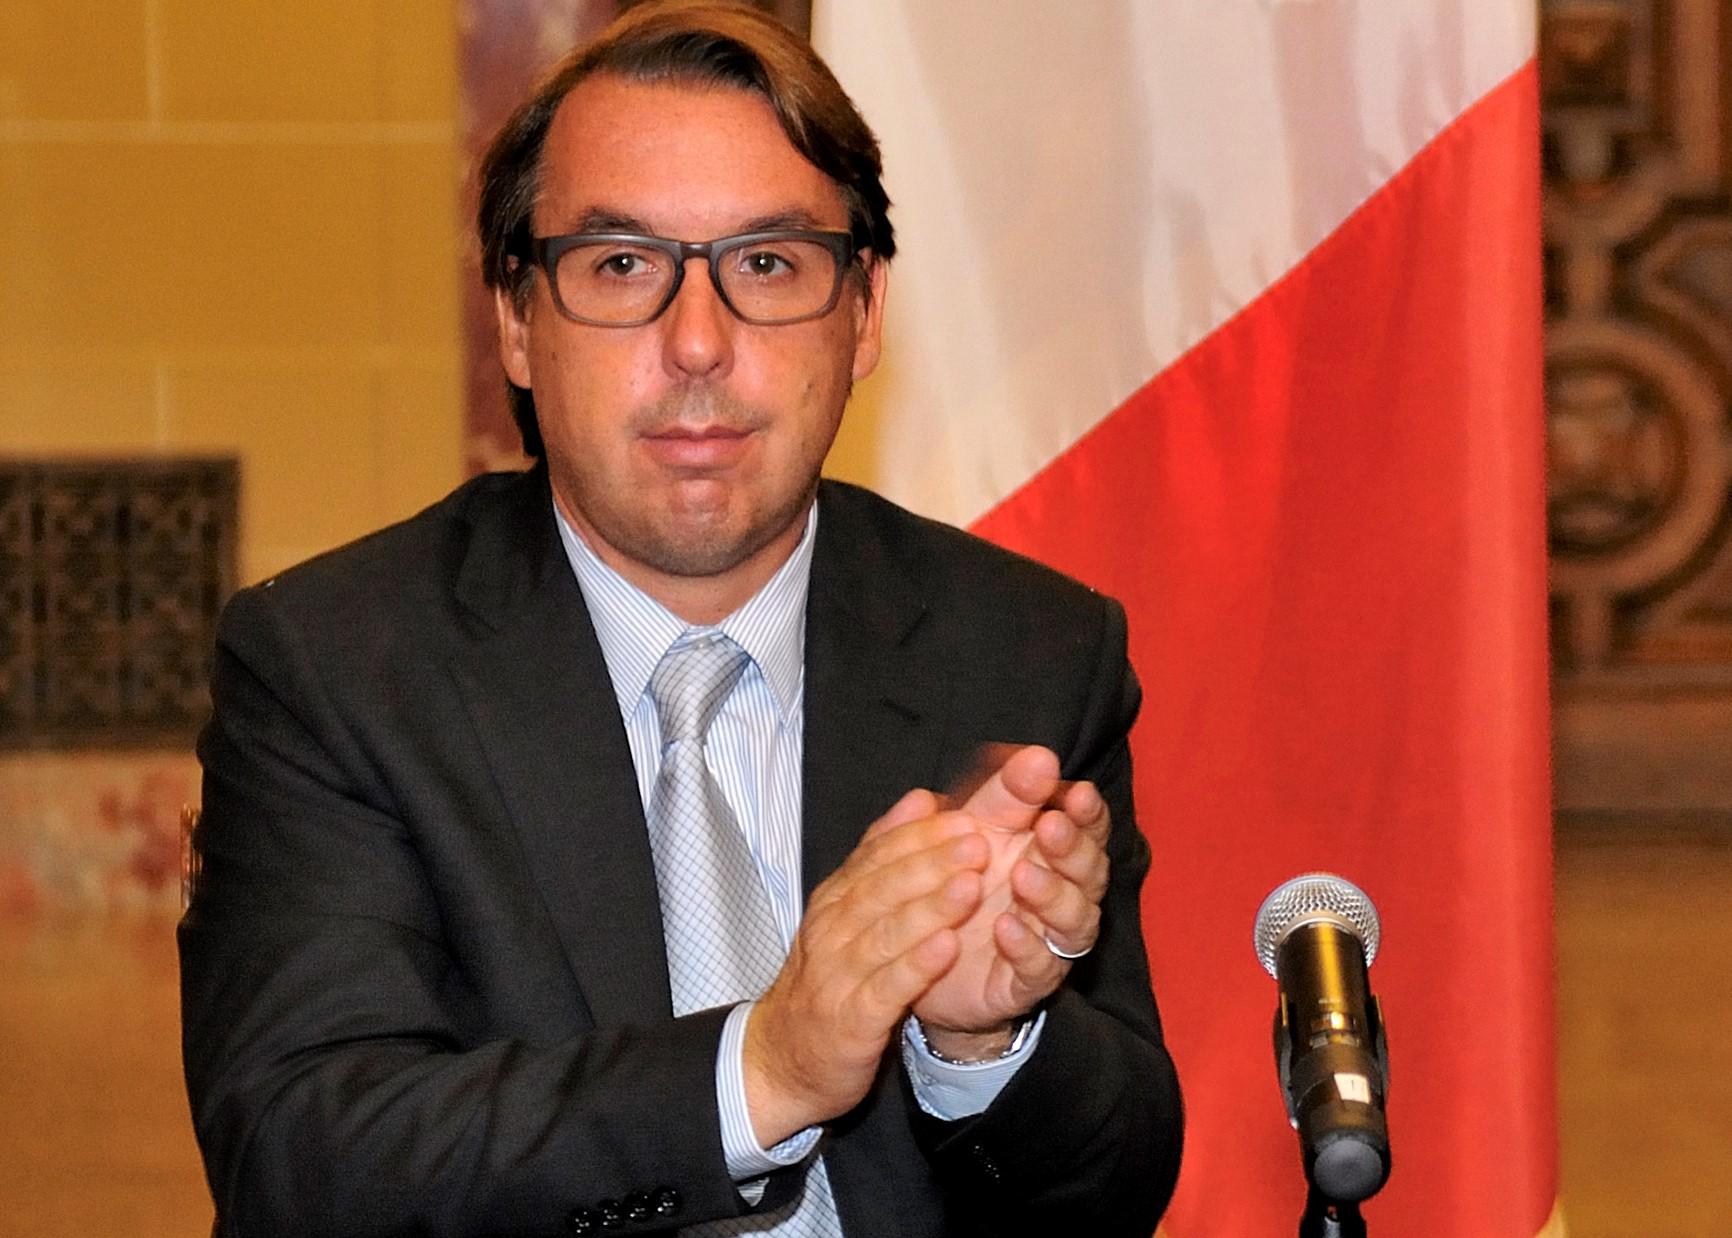 Emilio Azcárraga, heredero del imperio televisivo, deja la compañía que lideró por dos décadas.